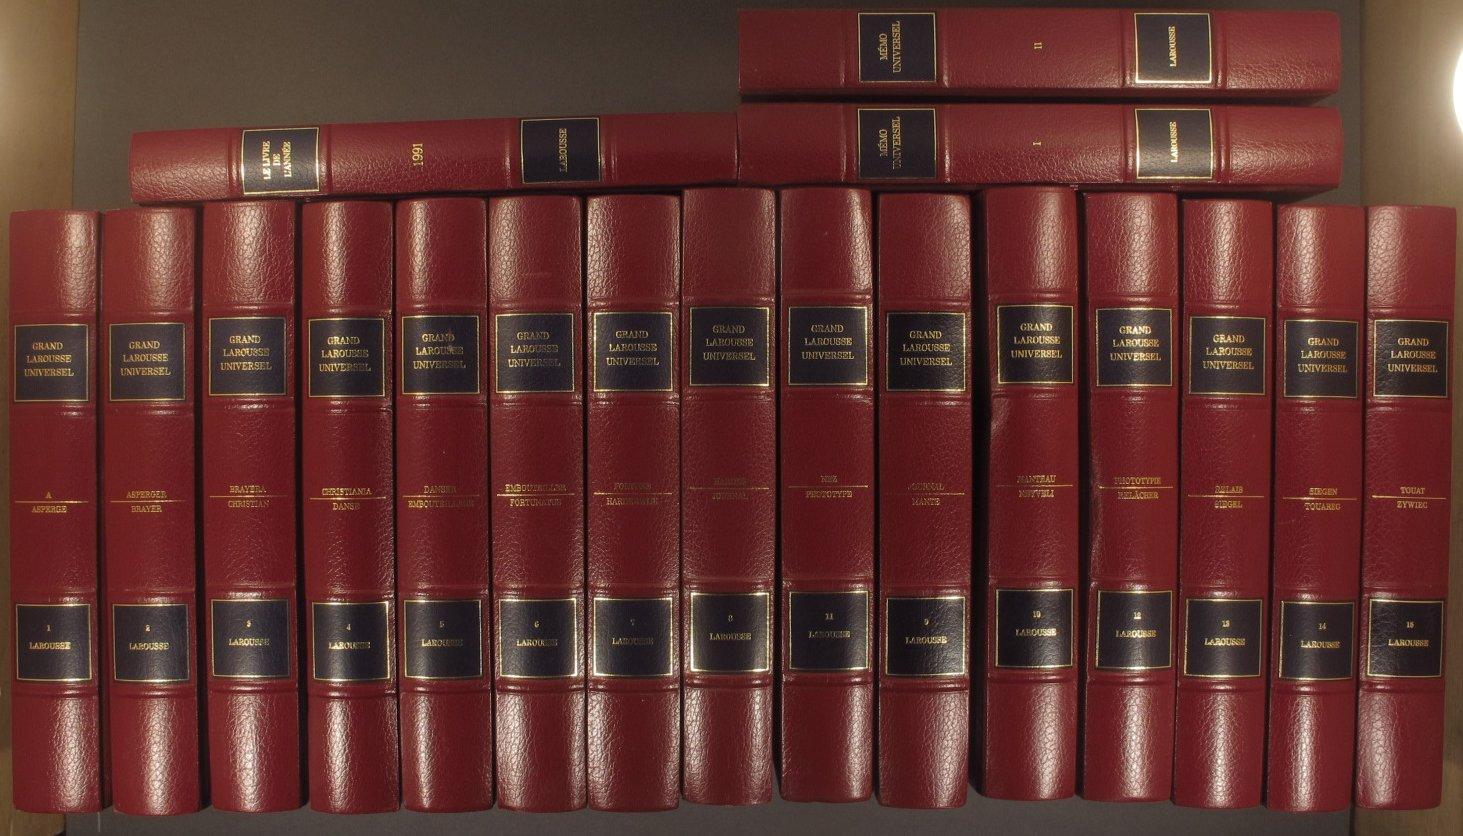 Marele Dicţionar Enciclopedic Larousse